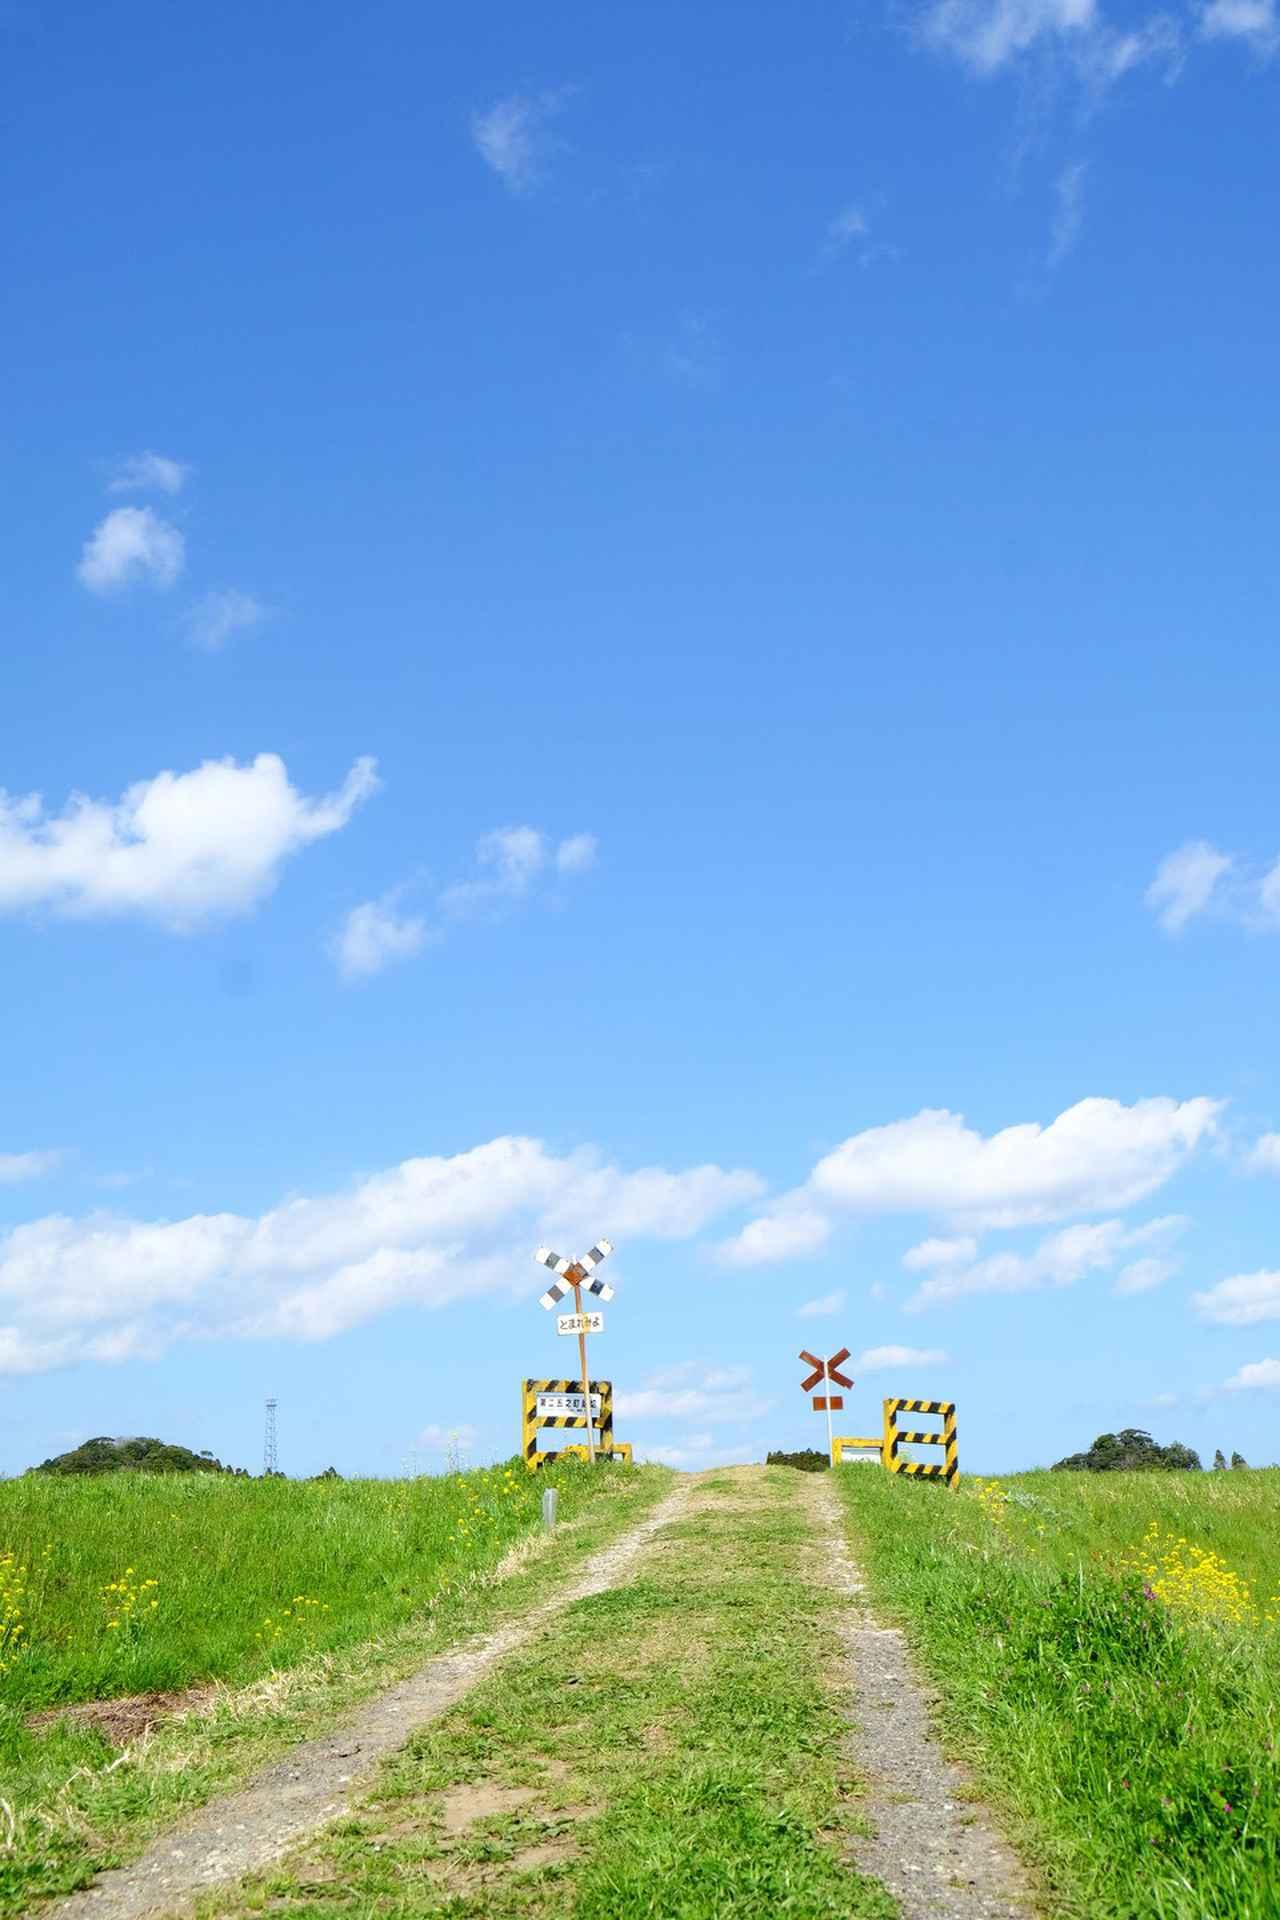 画像2: 伊藤宏美先生撮影 www.club-t.com